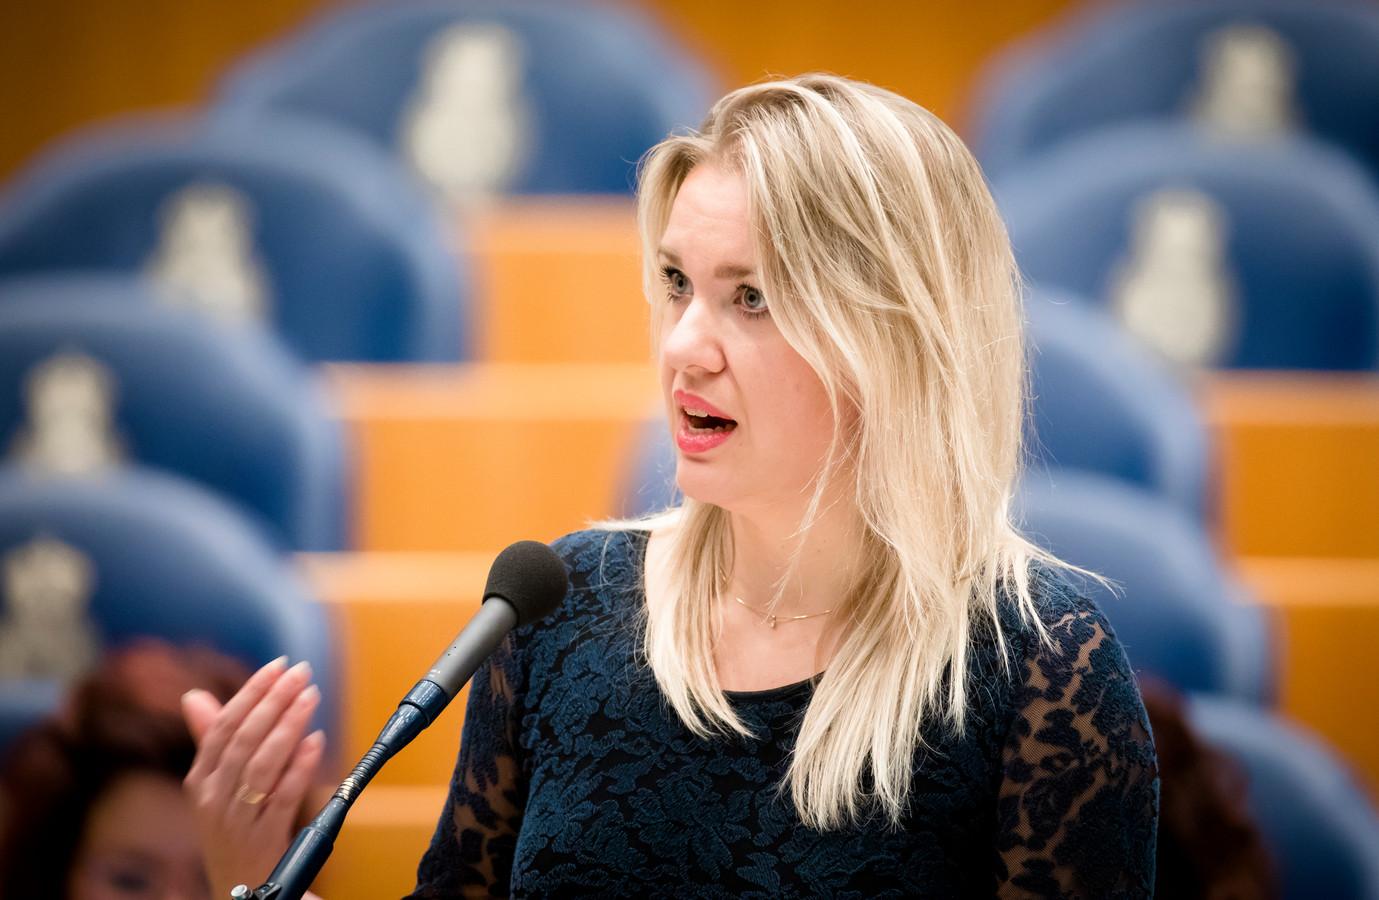 Femke Merel van Kooten tijdens de behandeling van de begroting van Binnenlandse Zaken en Koninkrijksrelaties in de Tweede Kamer.